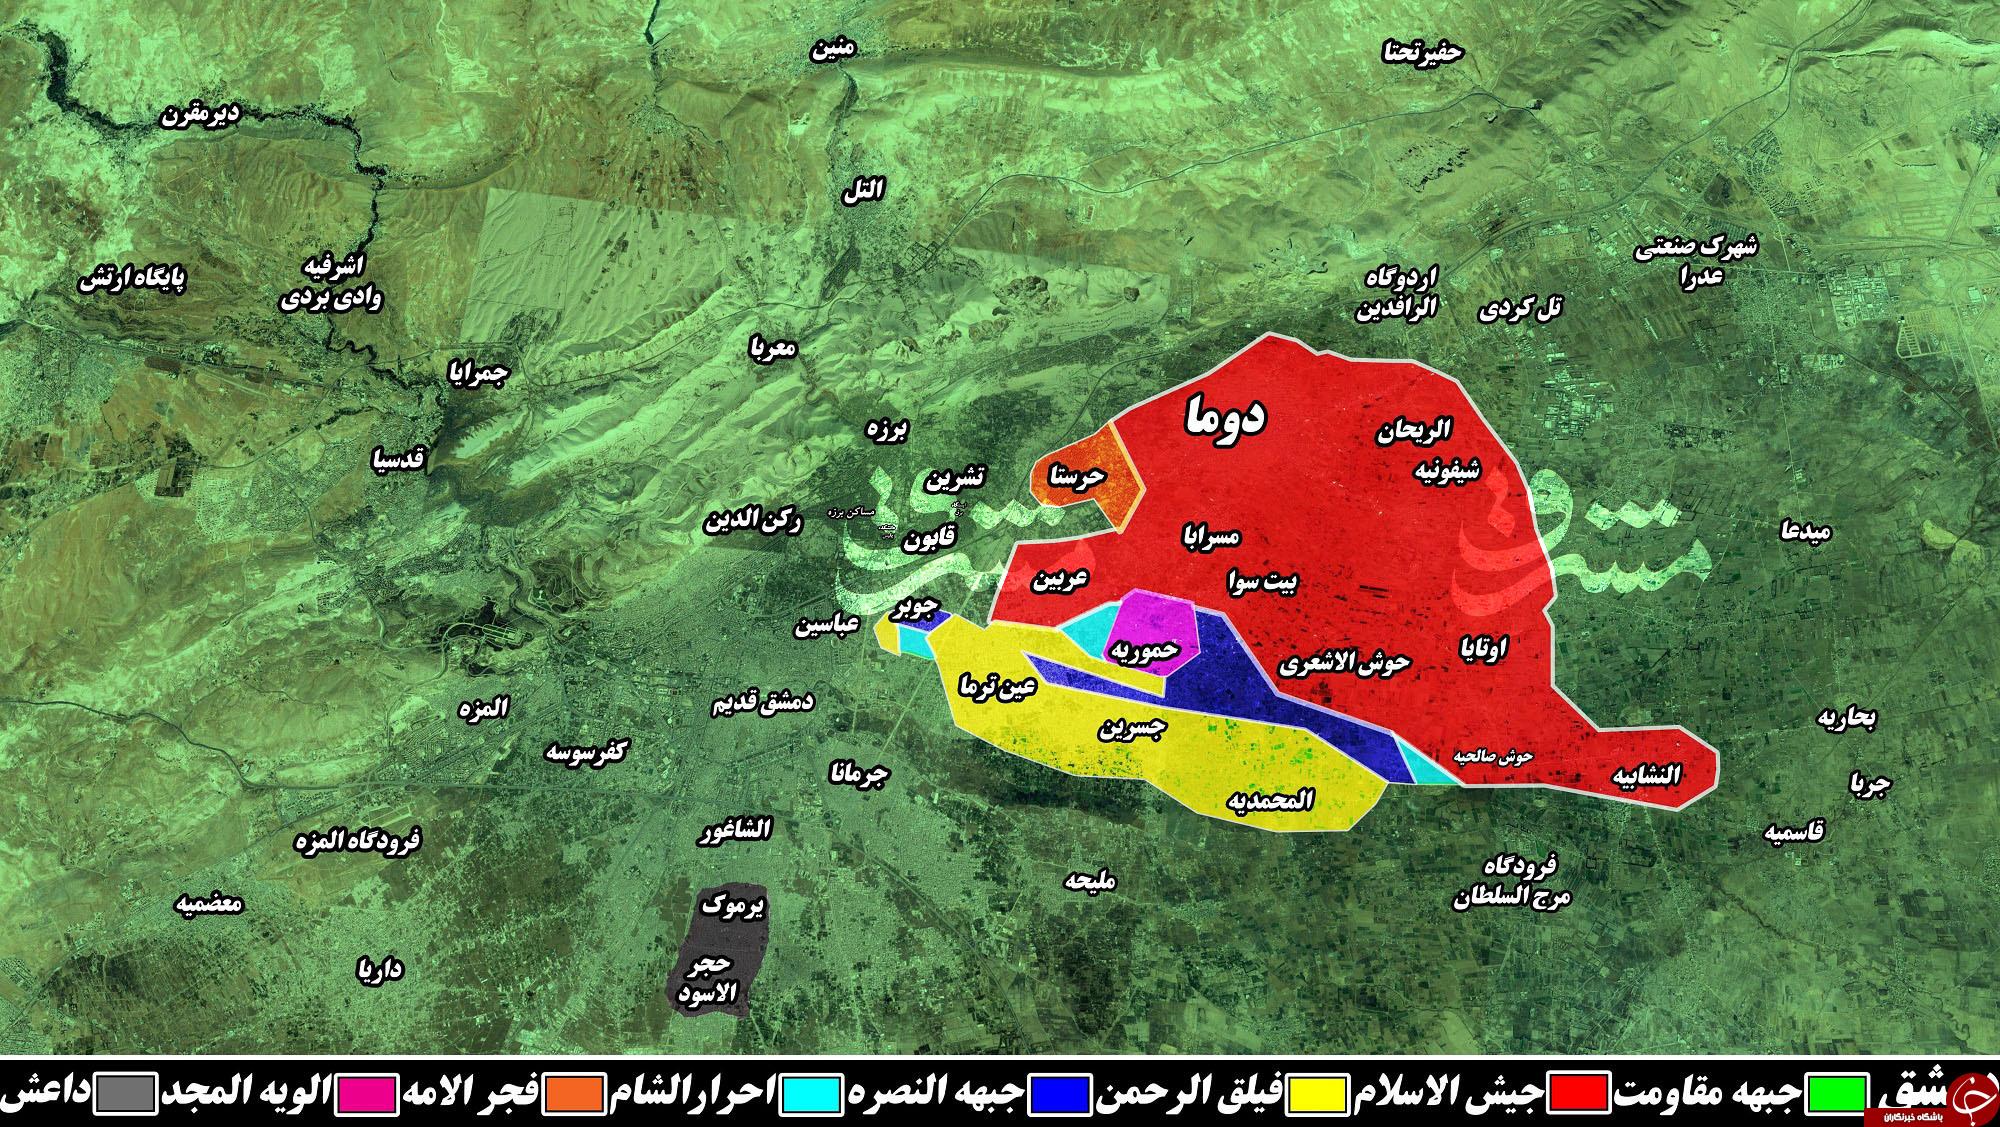 کمربند سبز دمشق از آبادی تا ویرانی؛ کدام گروههای تروریستی در غوطه شرقی دمشق حضور دارند؟ +عکس و نقشه میدانی